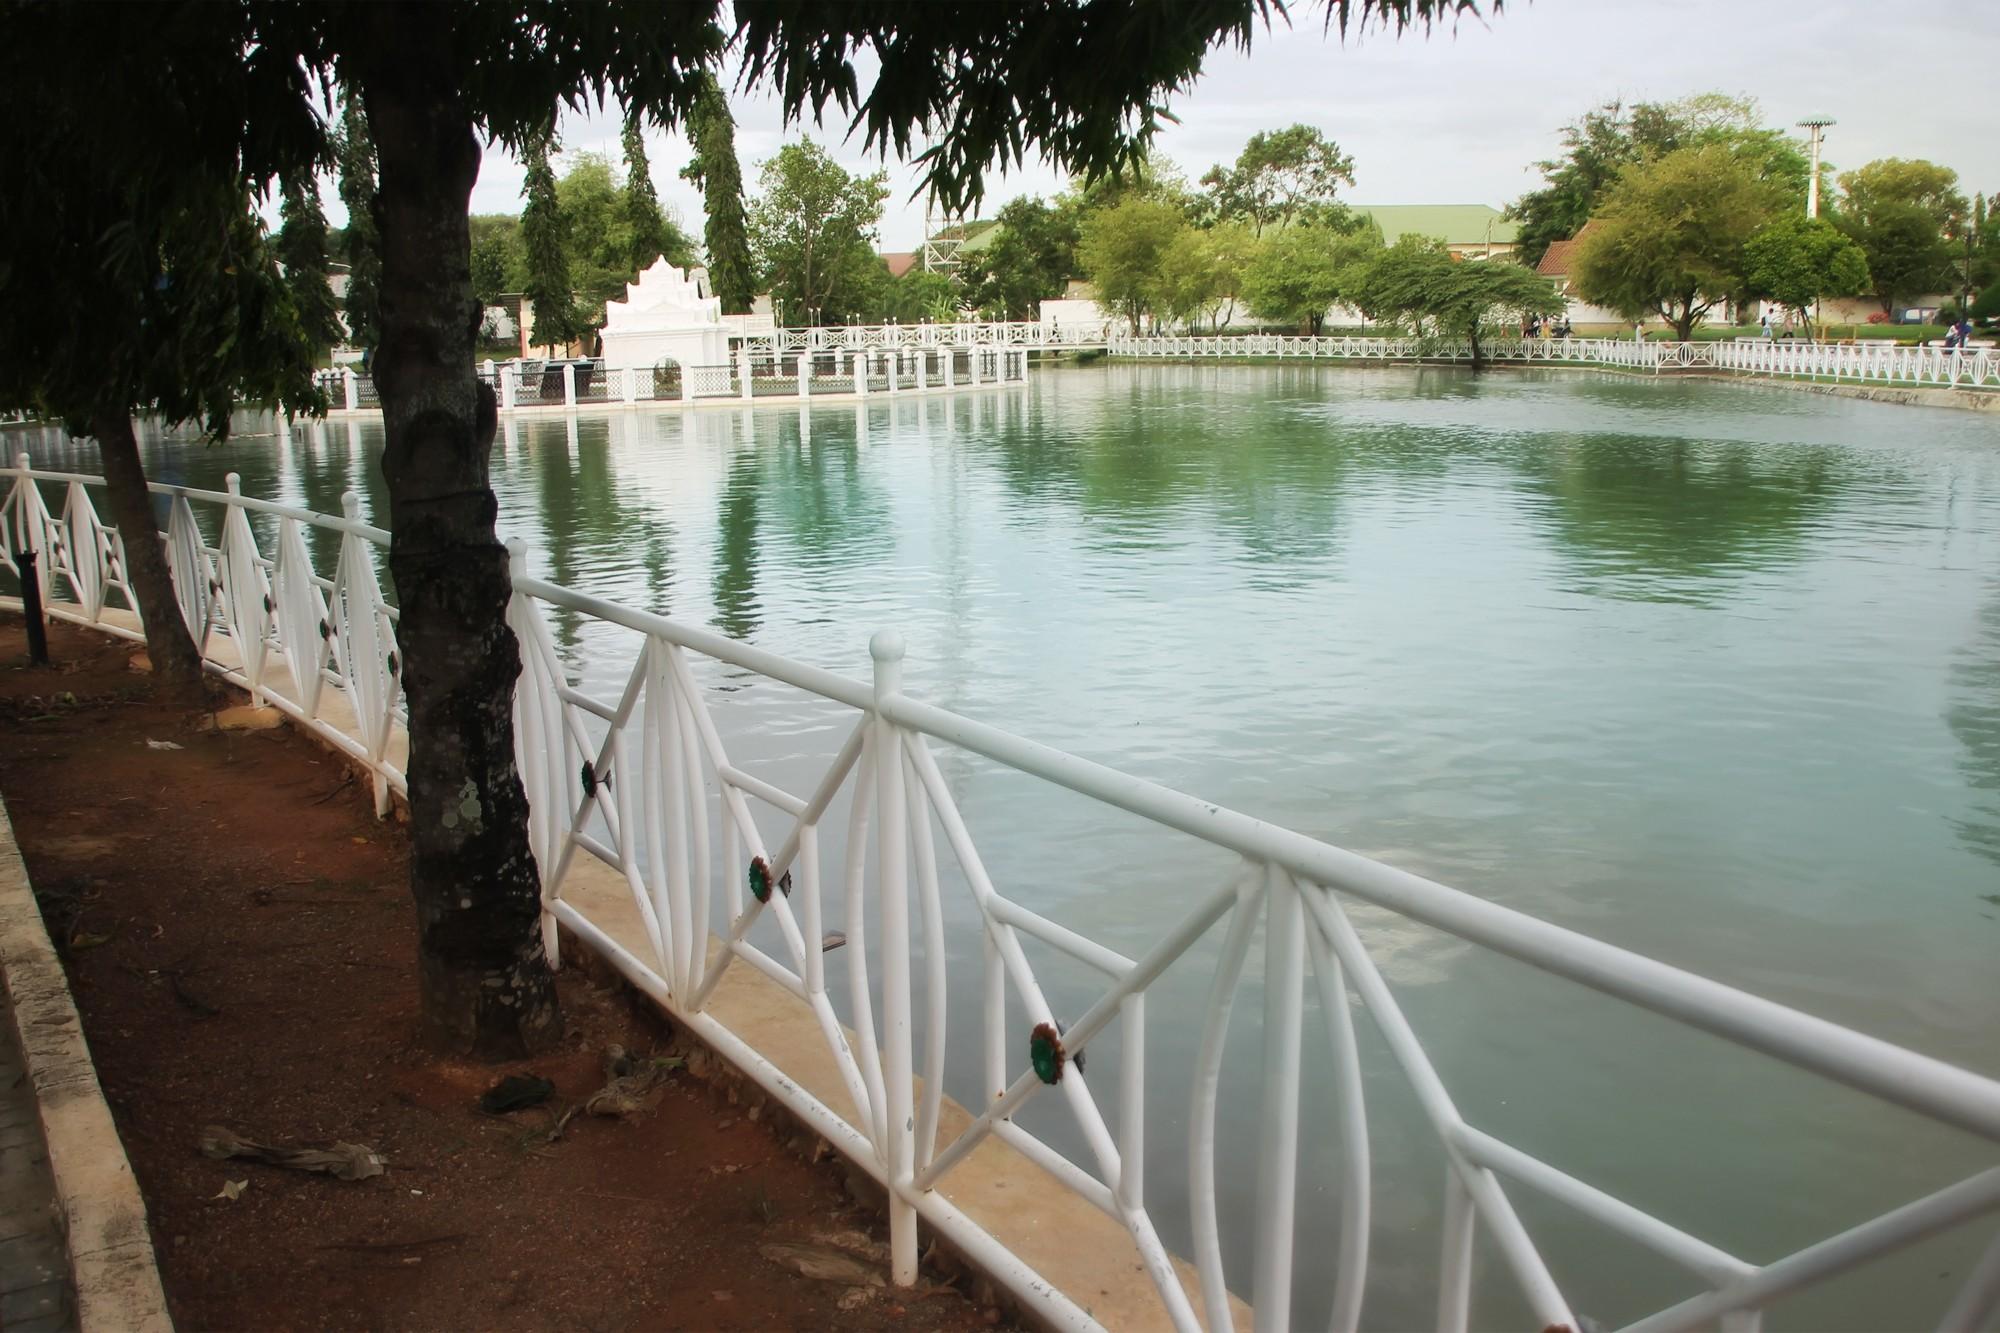 Kemegahan Taman Putroe Phang dimasa lalu dijelaskan secara mendetail dalam Kitab Bustanussalatin